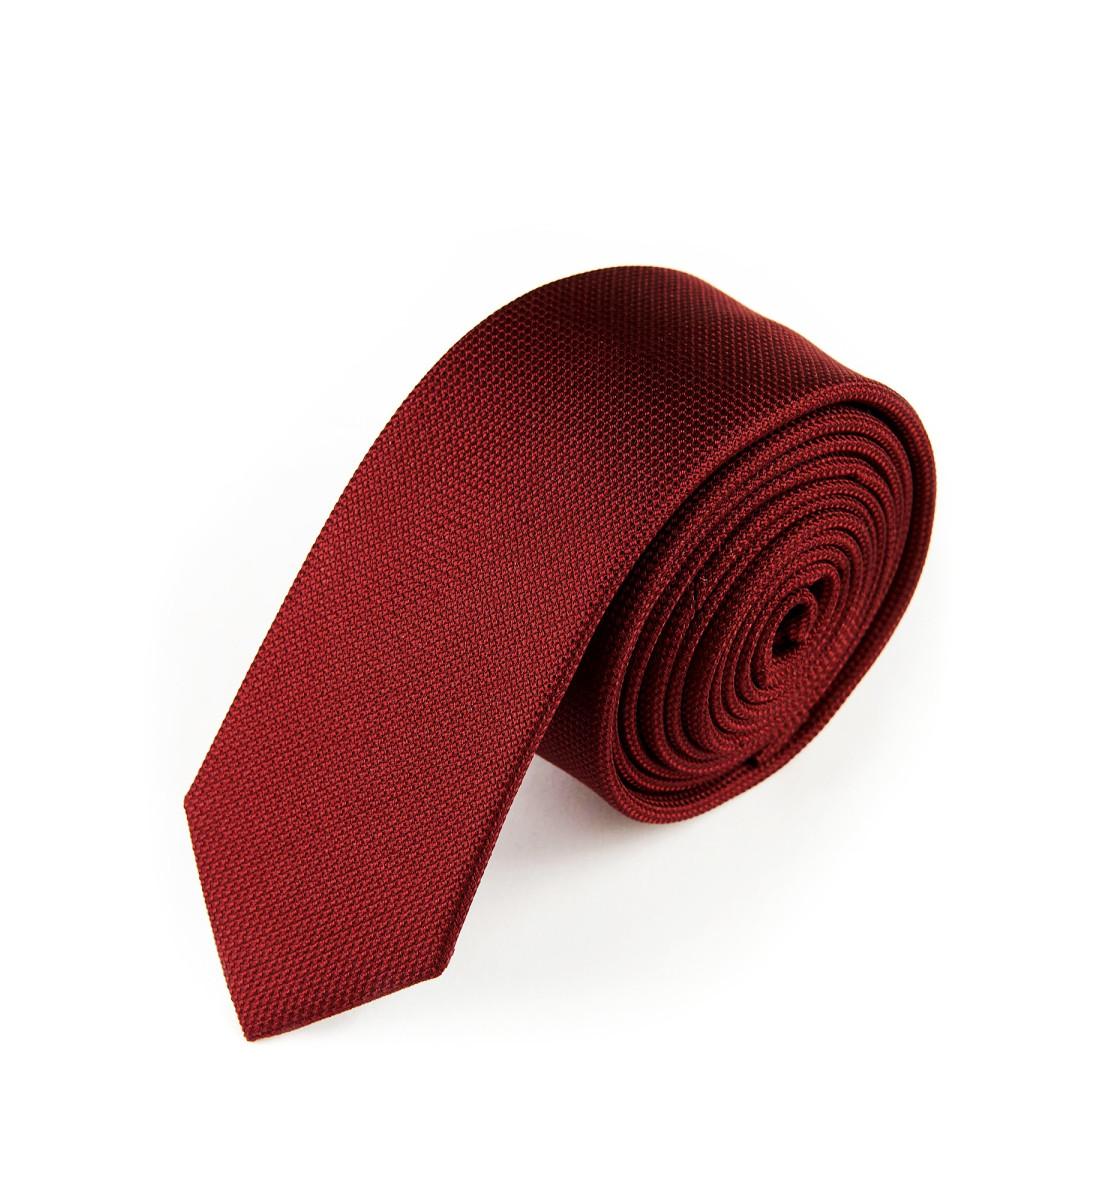 Cravate fine soie BORDEAUX